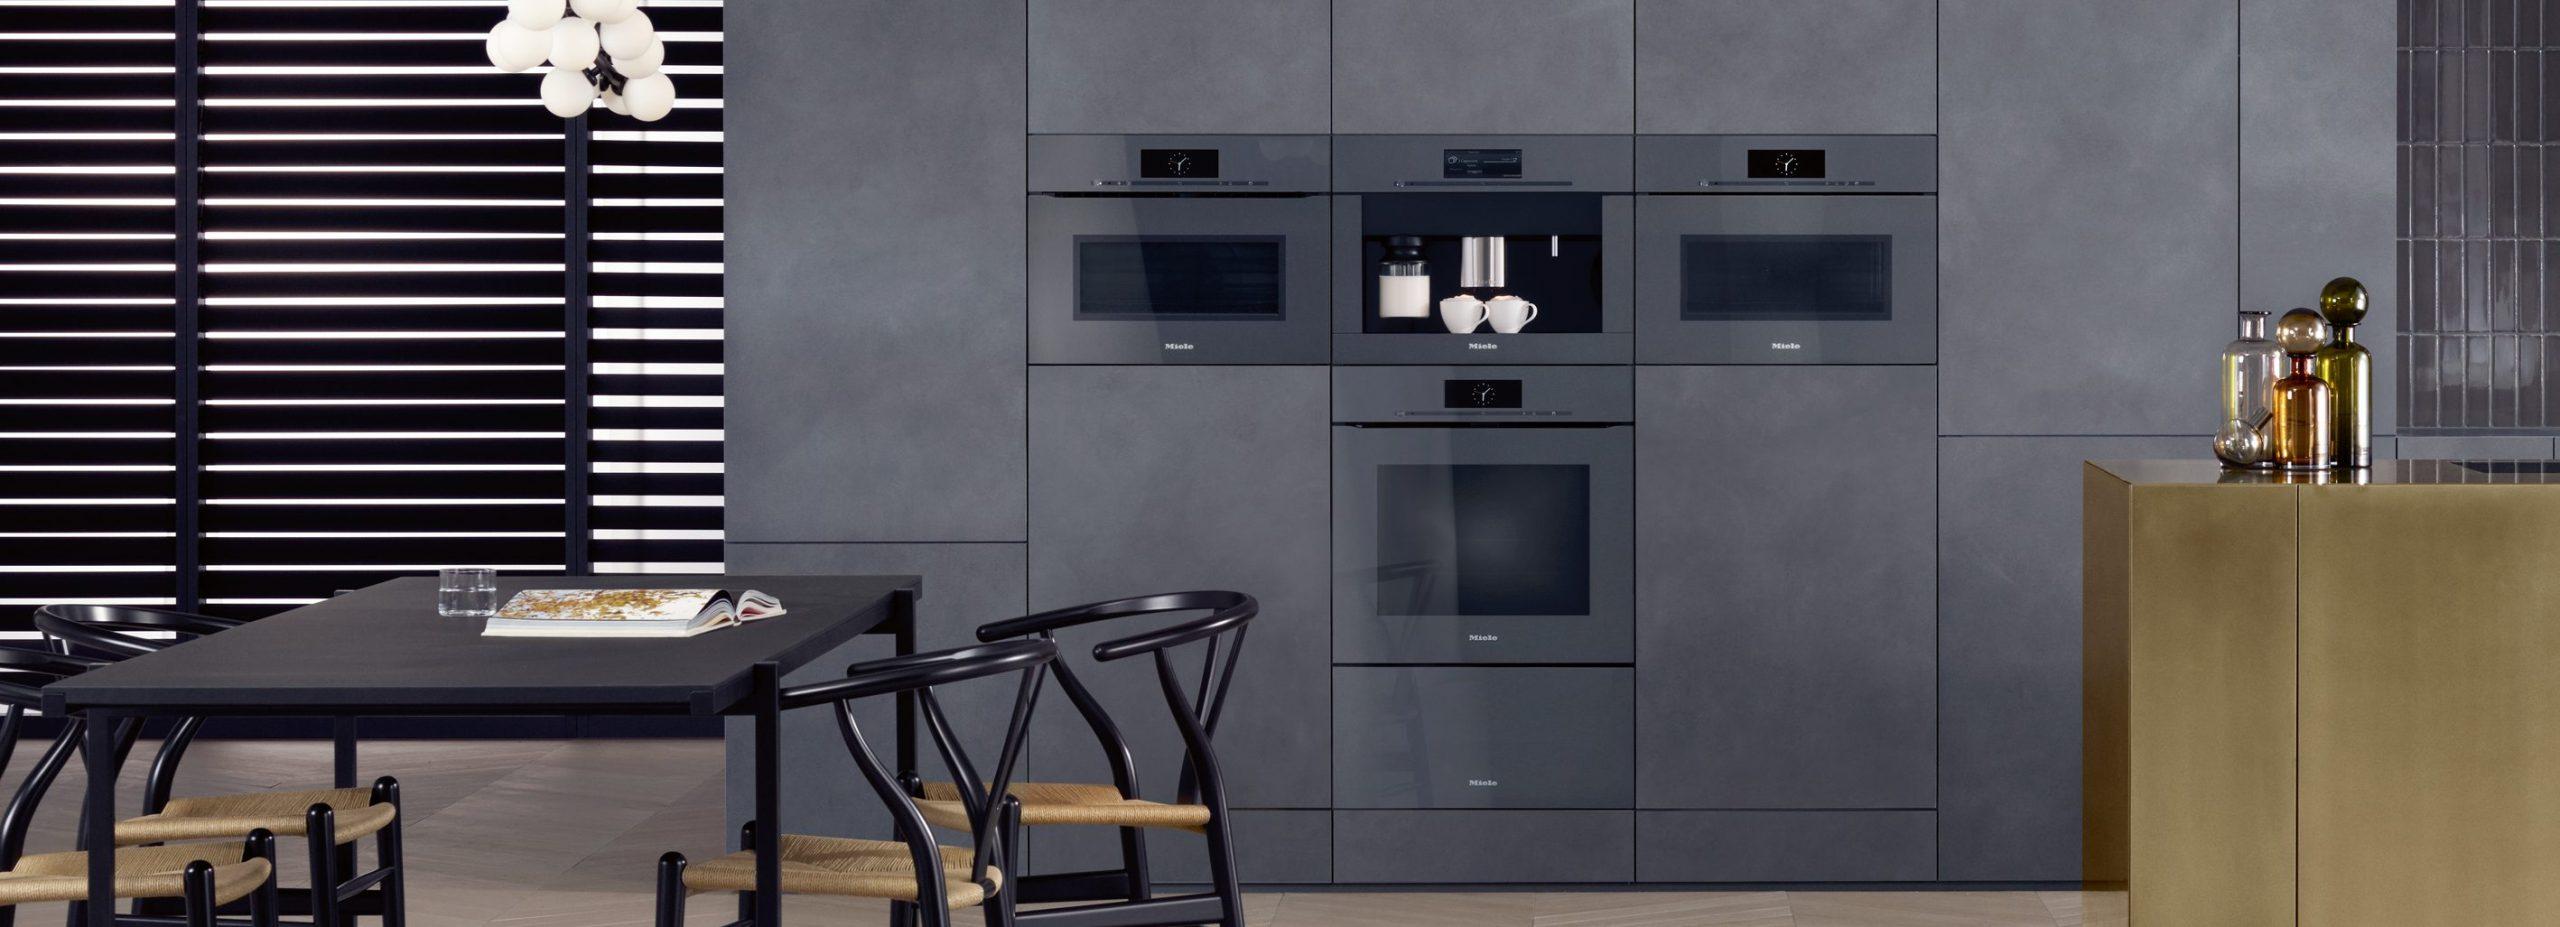 Full Size of Grifflose Küche Grifflose Küche Nachrüsten Grifflose Küche Kühlschrank öffnen Grifflose Küche Respekta Küche Grifflose Küche